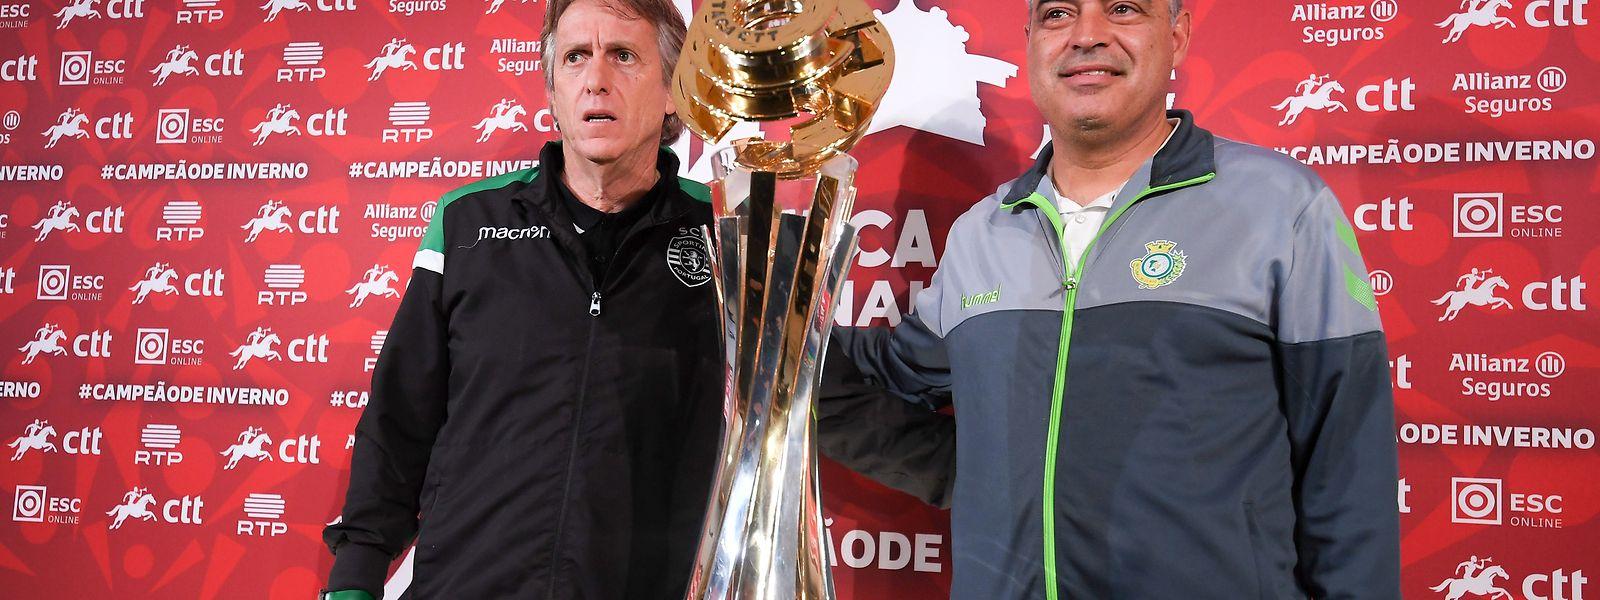 Conferência de imprensa conjunta dos treinadores do Sporting, Jorge Jesus (E), e do Vitória de Setúbal, José Couceiro, de antevisão da final da Taça da Liga realizada no Estádio Municipal de Braga, 26 janeiro de 2018. HUGO DELGADO/LUSA